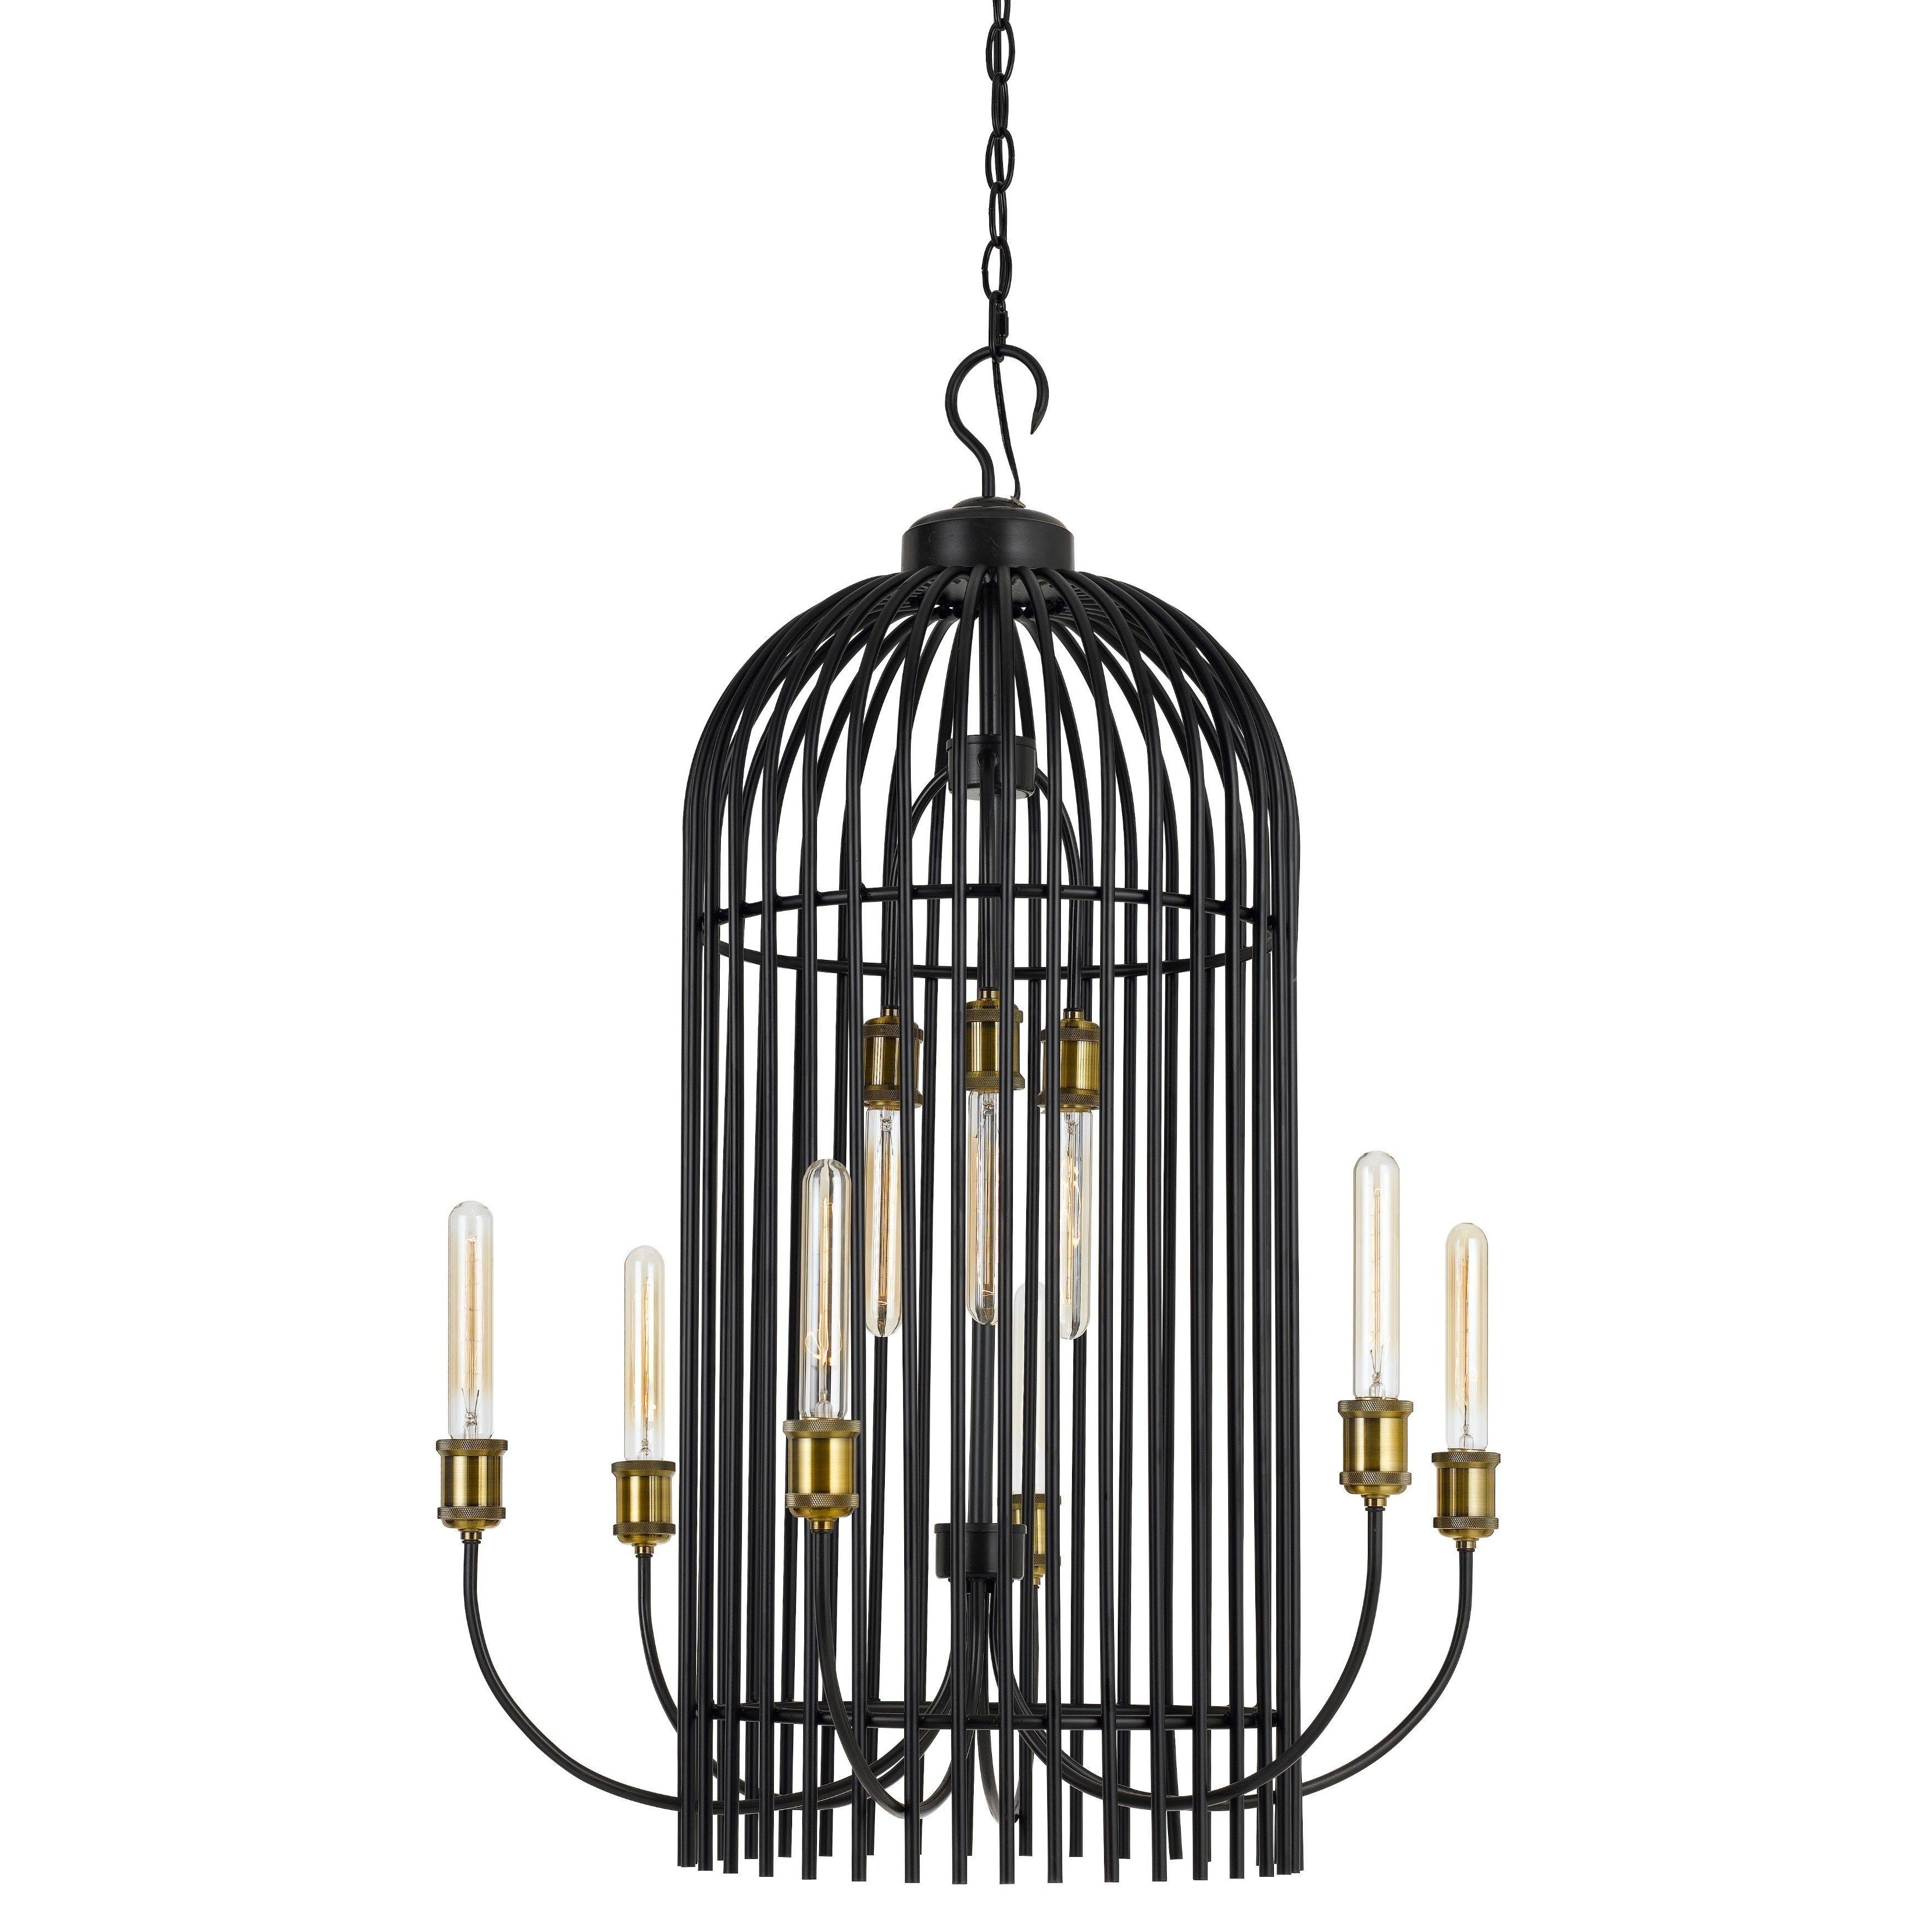 Metal 9 light 60 watt Birdcage Chandelier Chandelier Black